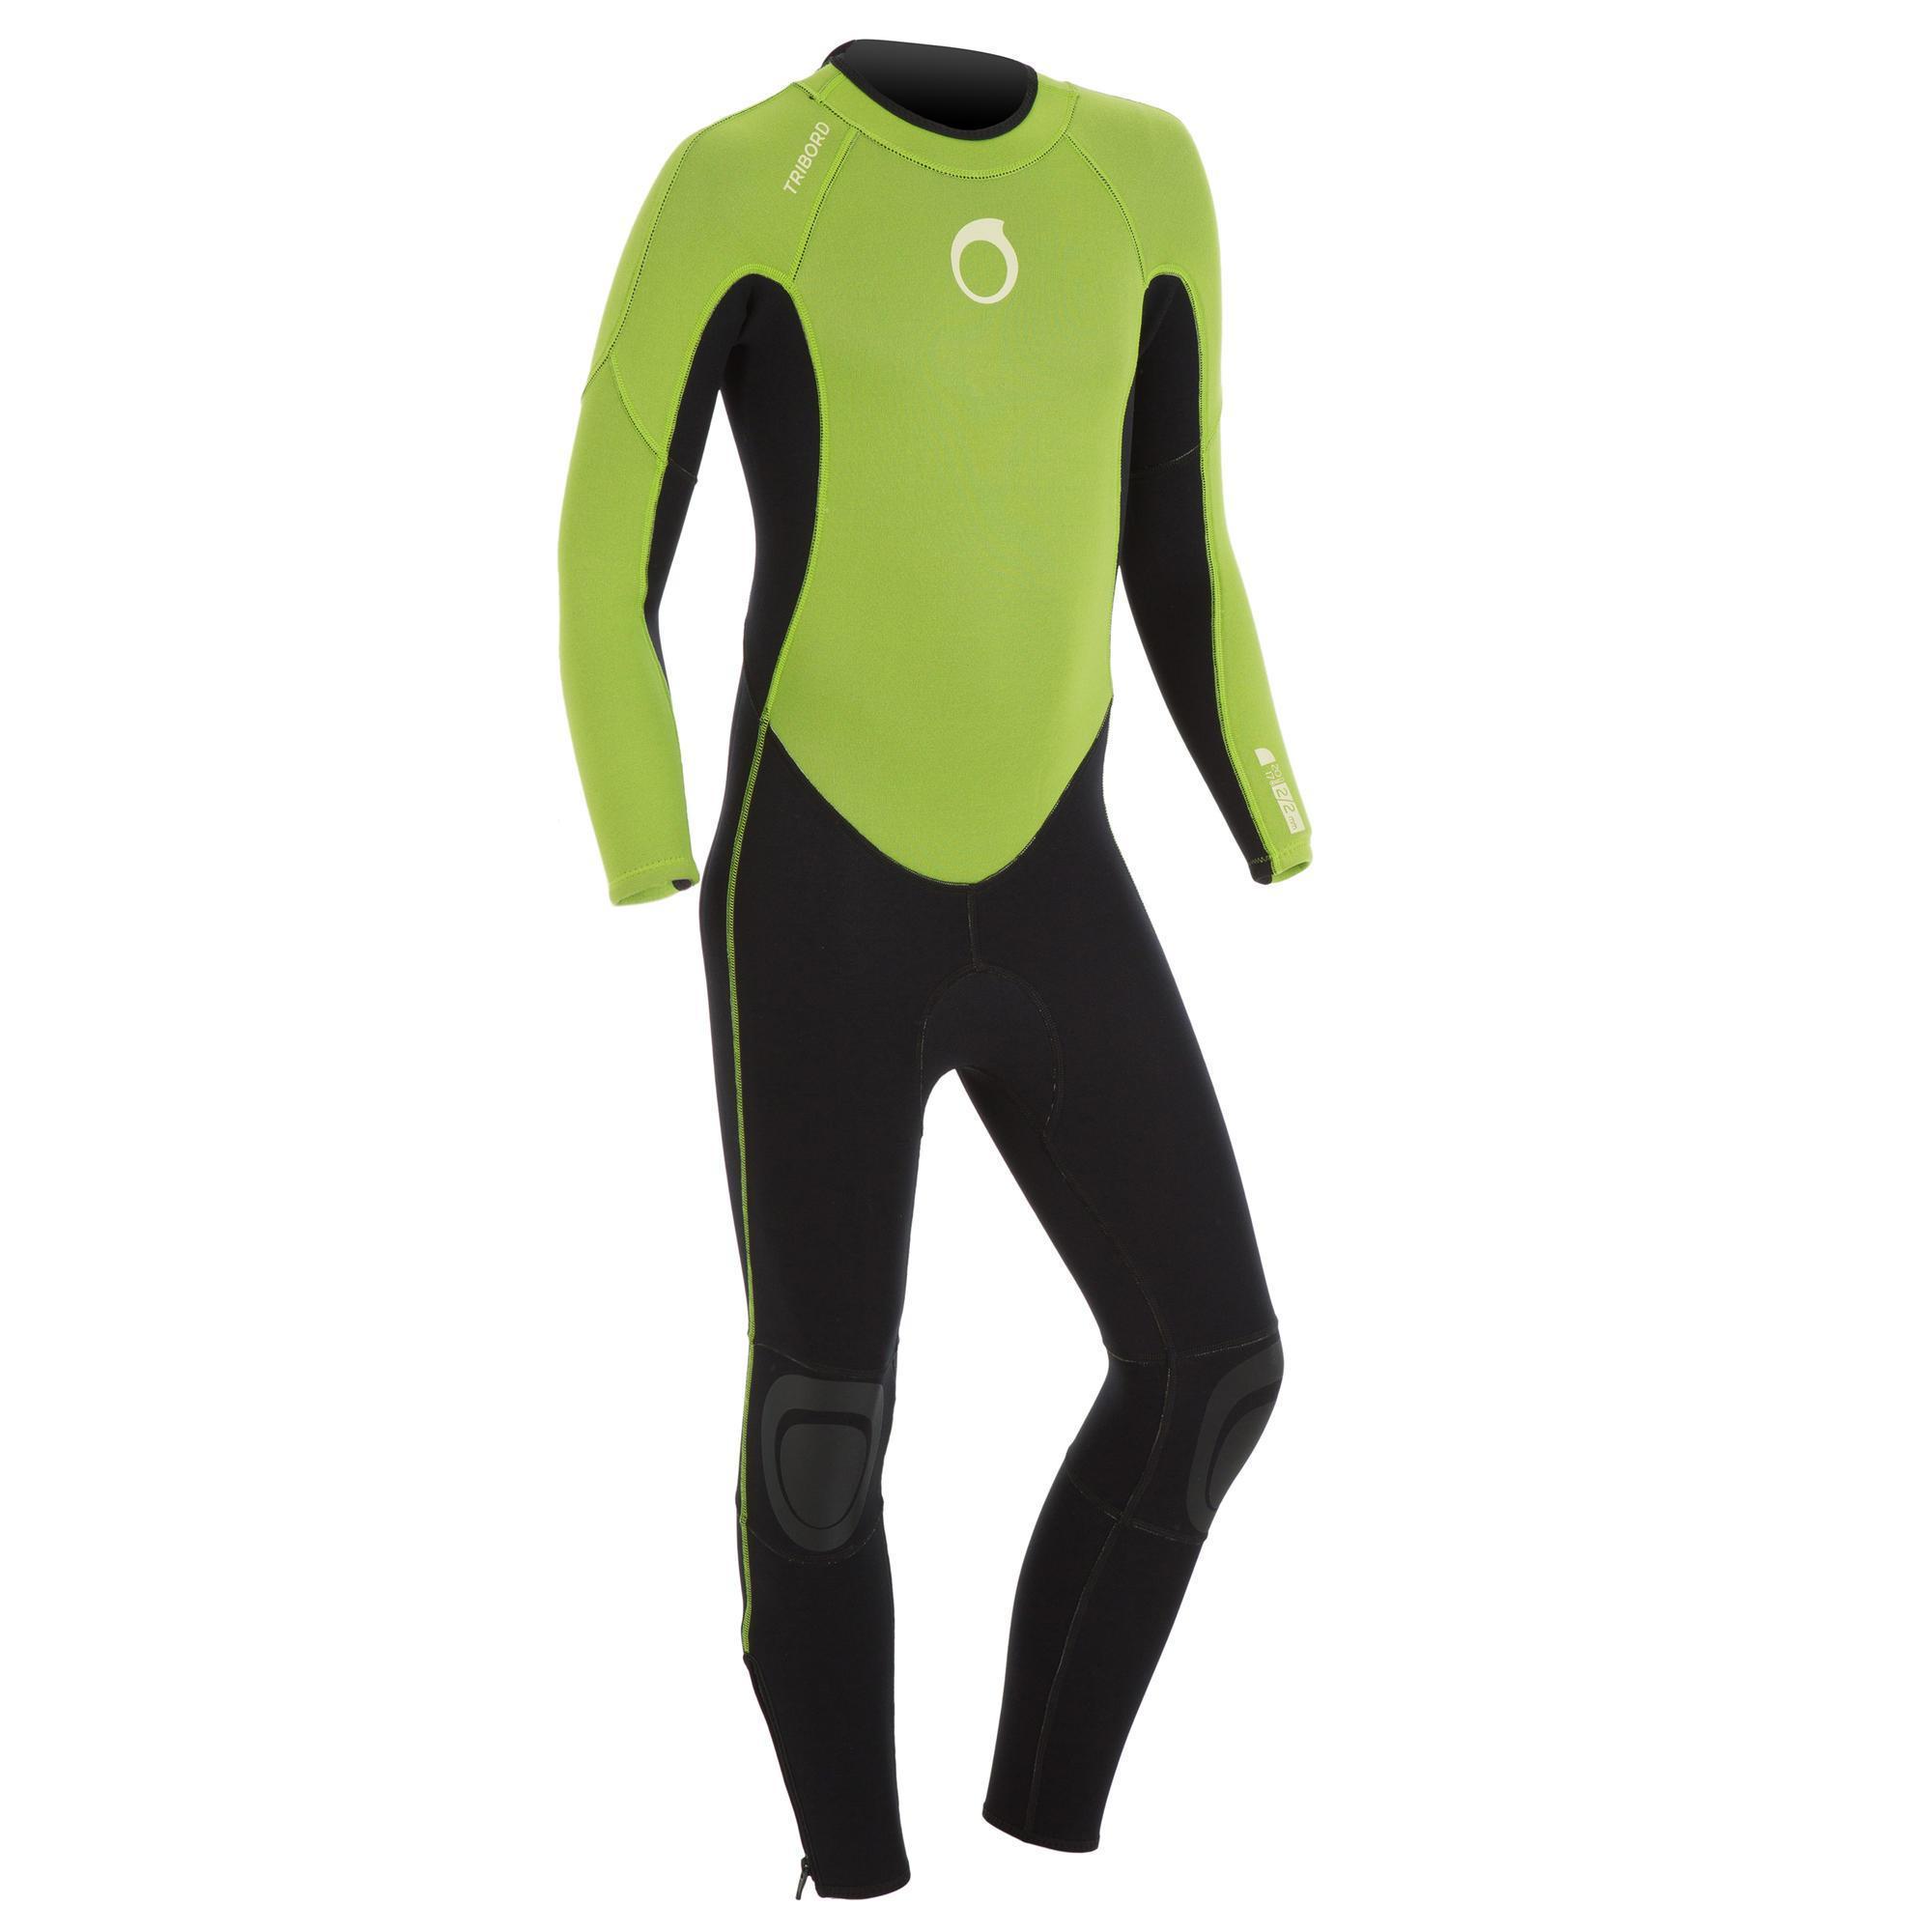 desigual en el rendimiento estilo único auténtico Comprar Trajes de Neopreno de Surf Online | Decathlon.